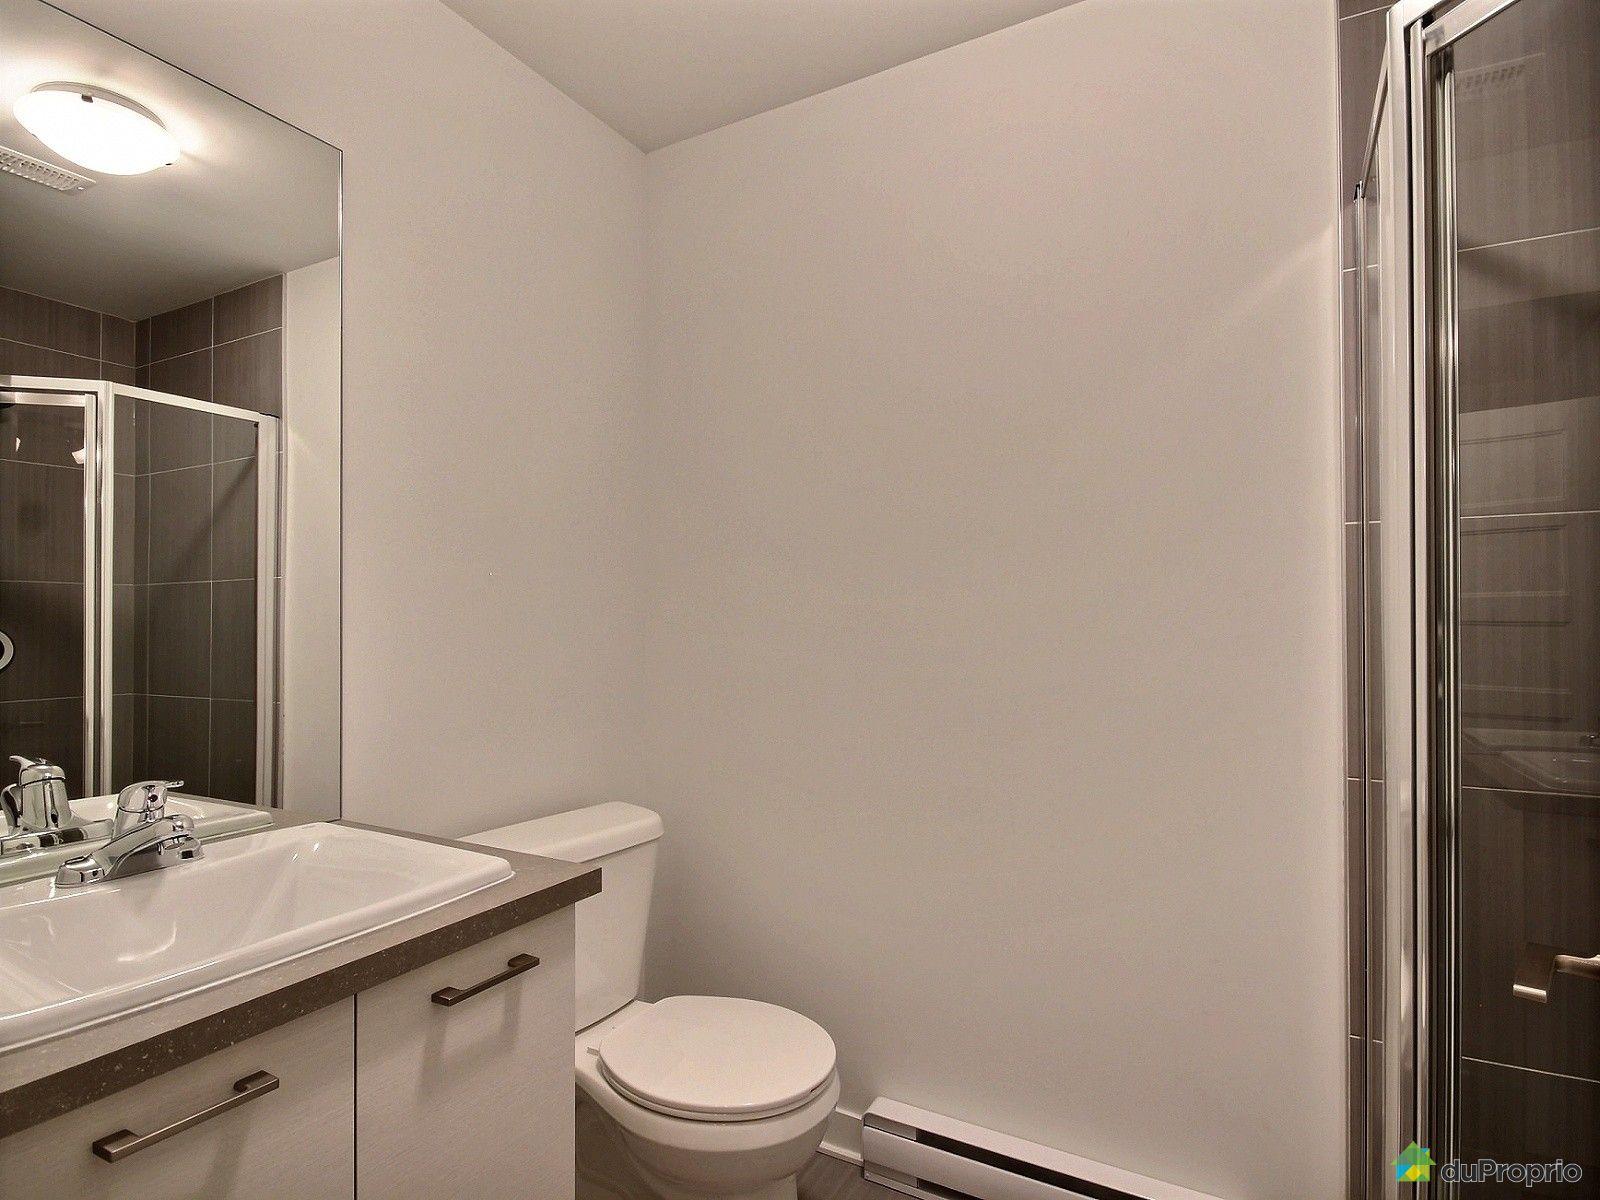 Maison neuve vendre montr al 5221 rue du sureau for Prix salle de bain sous sol